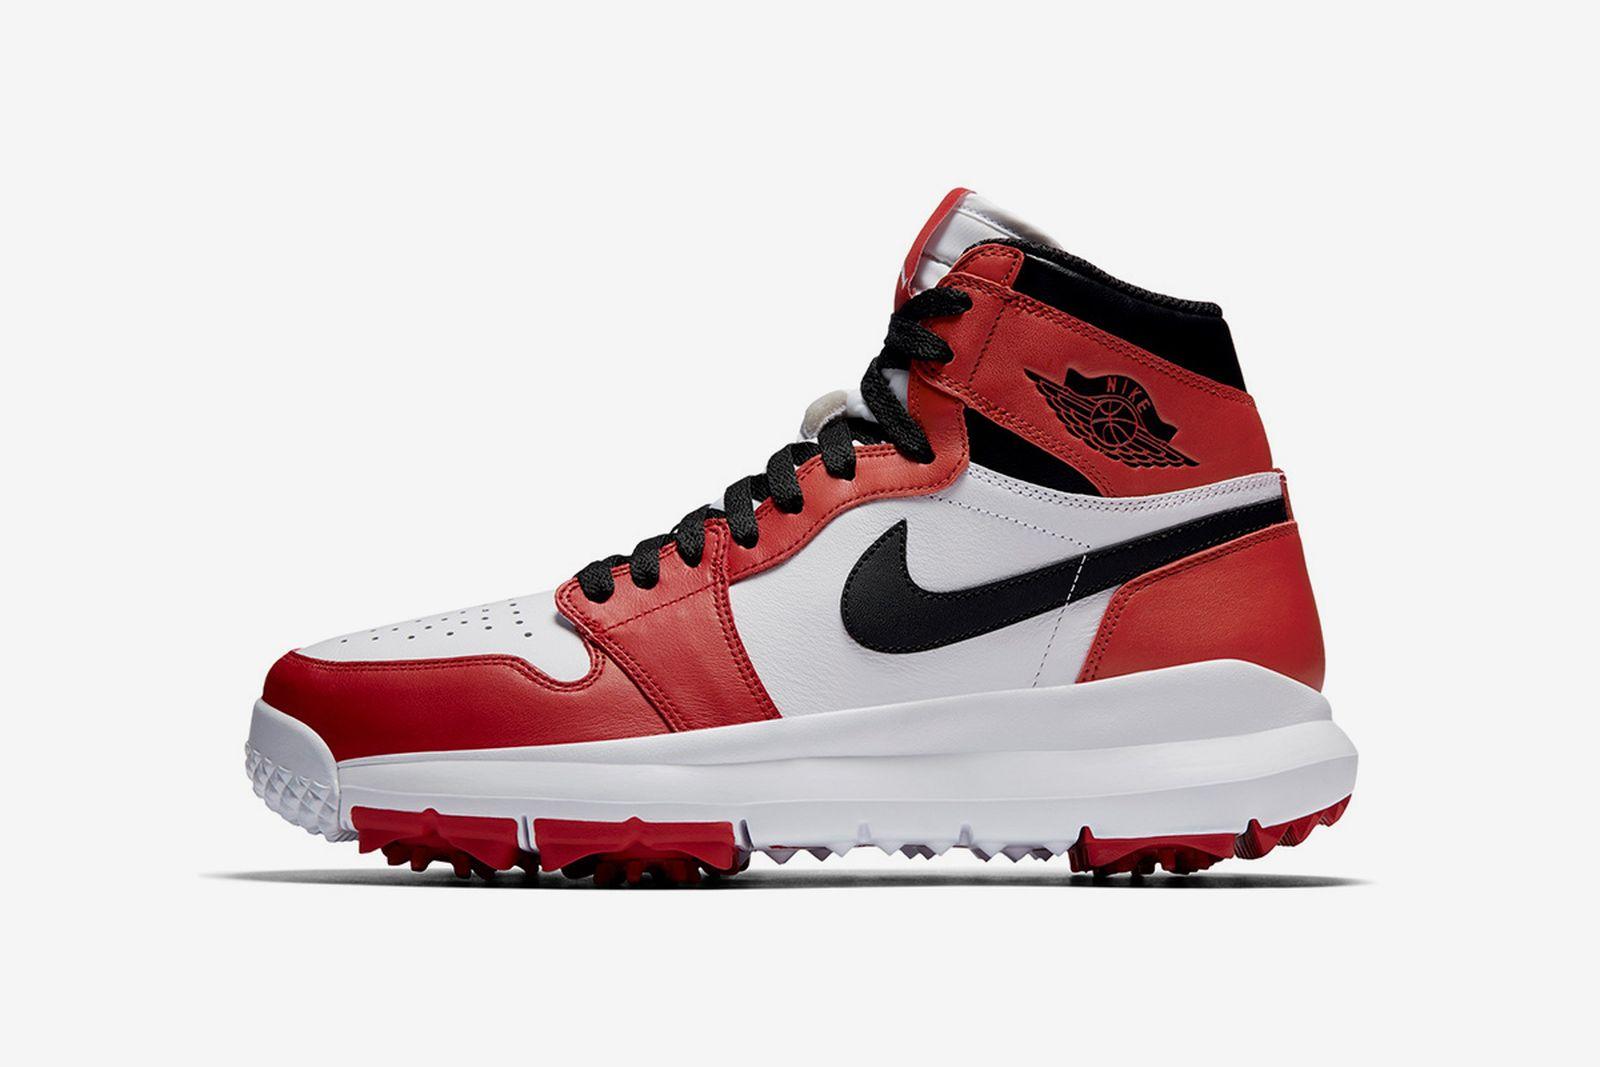 nike-golf-sneakers-06